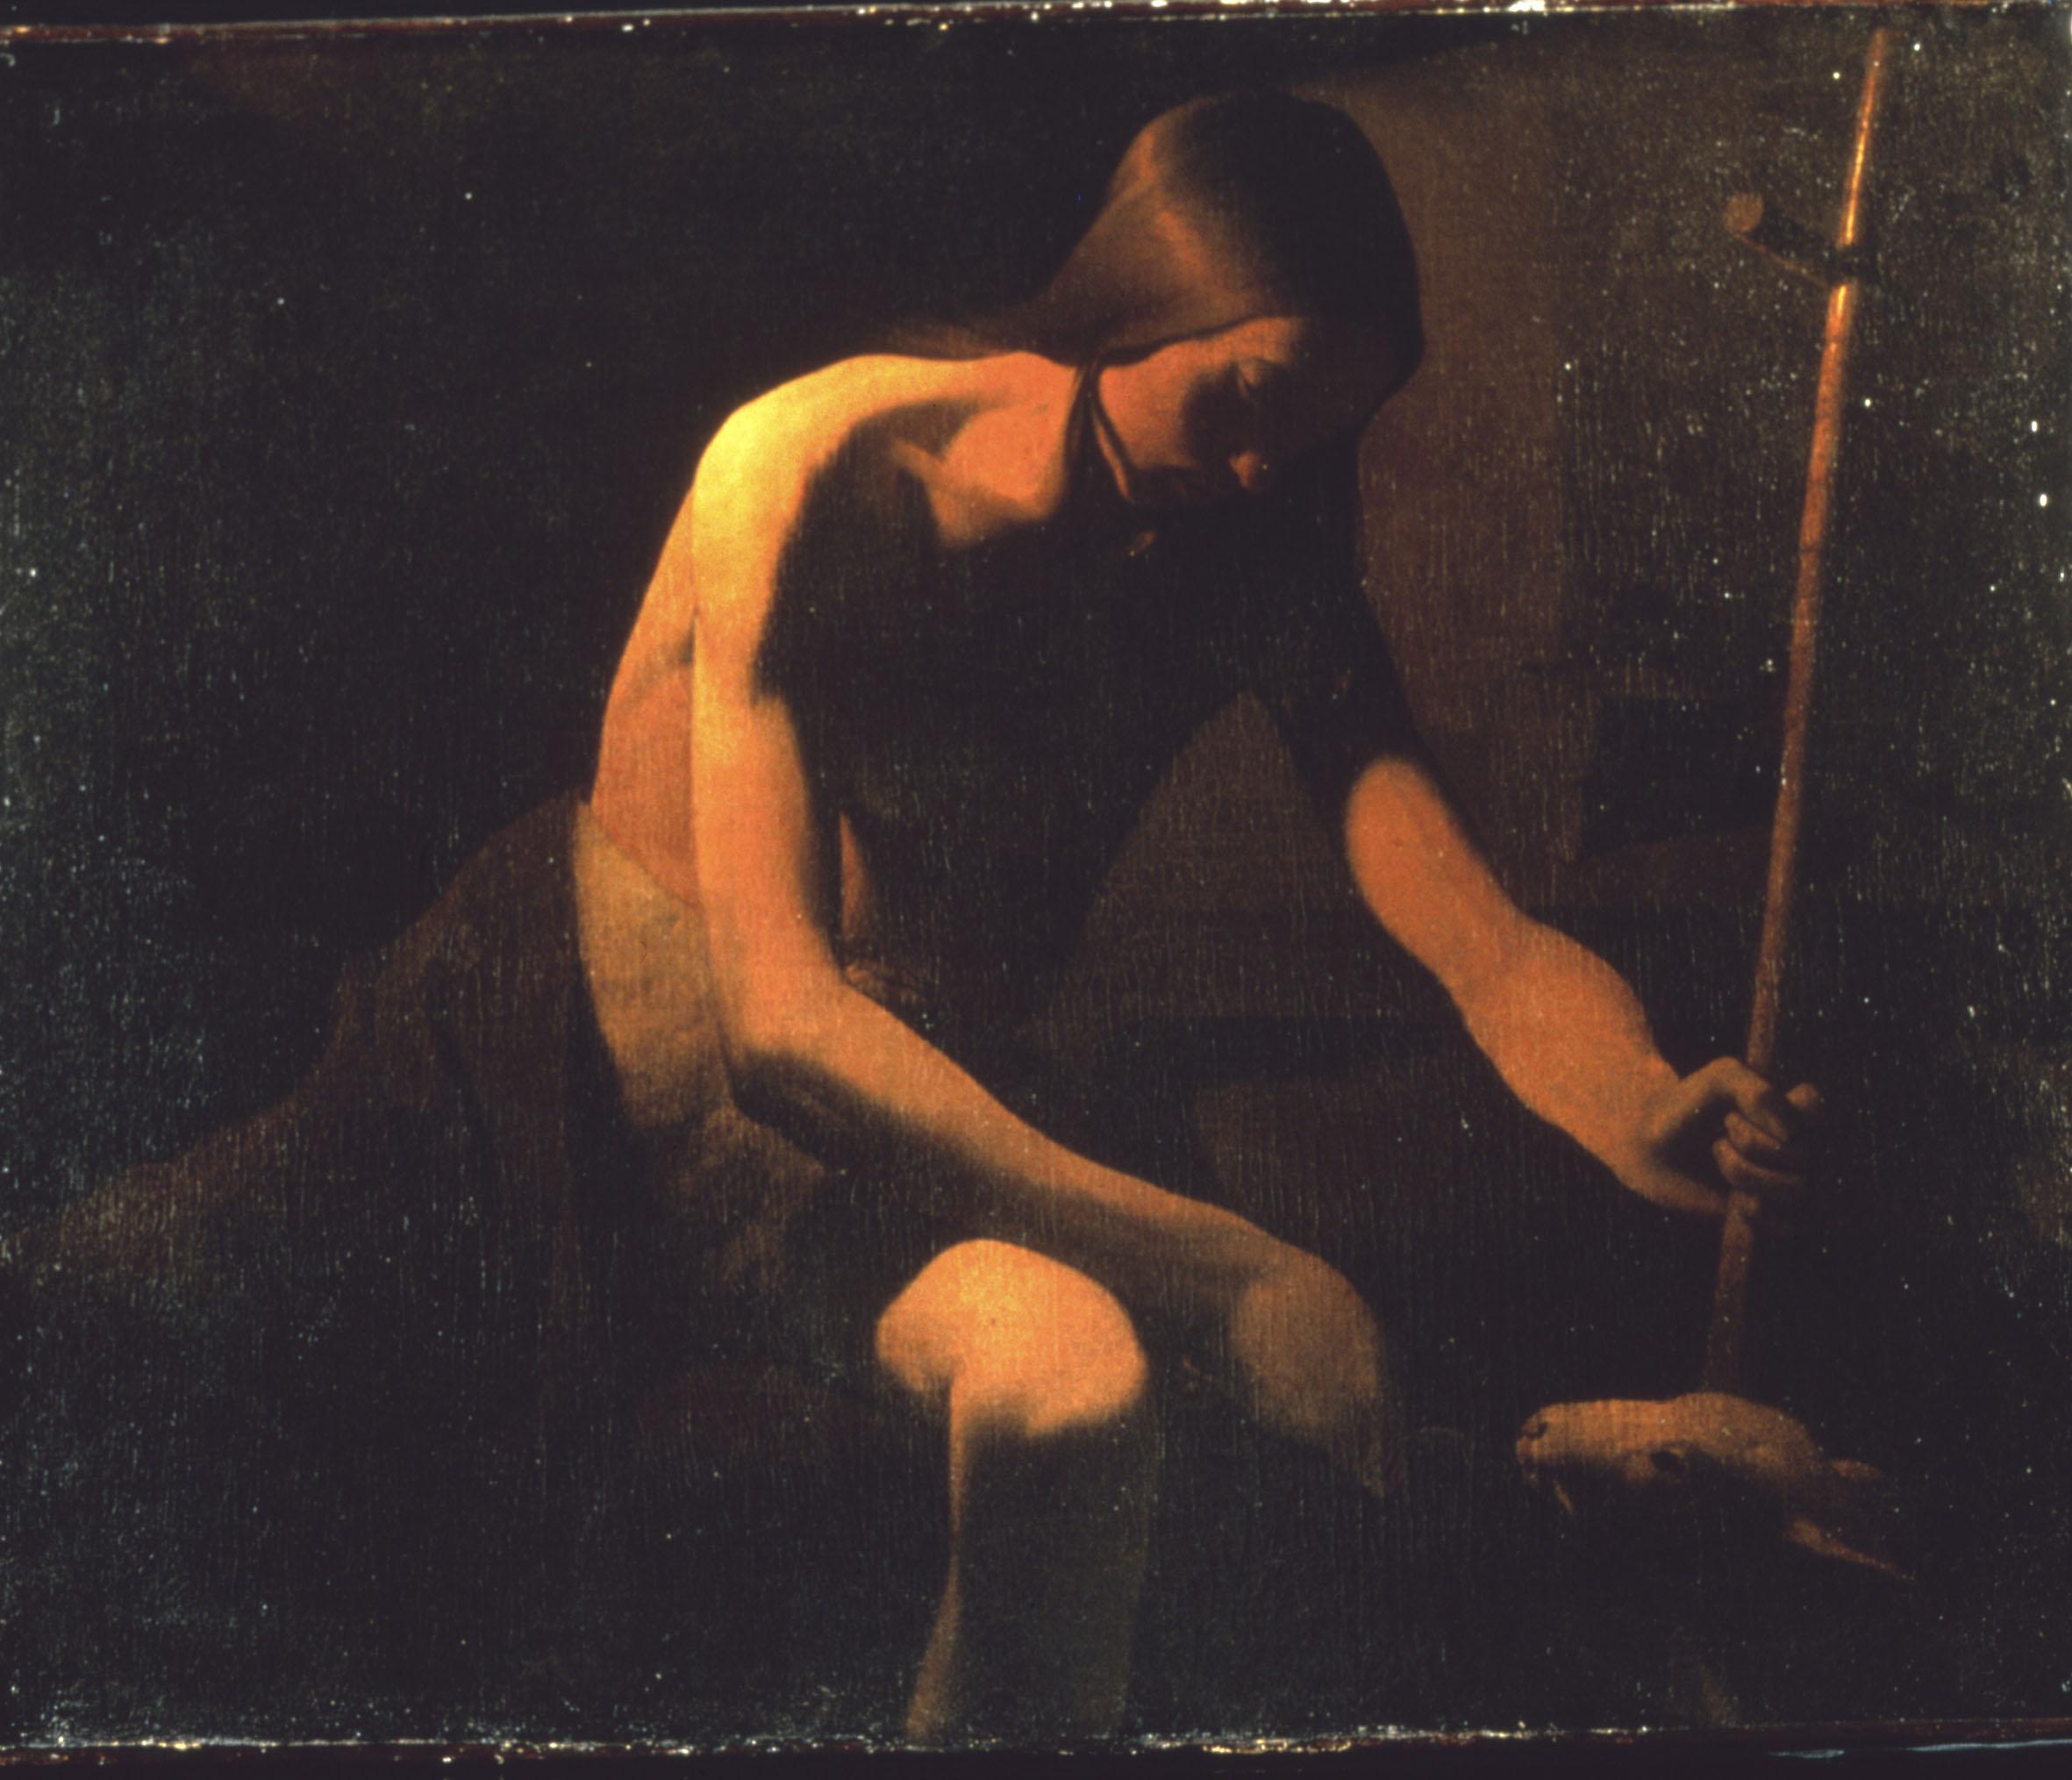 Georges de La Tour, San Giovanni Battista nel deserto (1649 circa; olio su tela, 81 x 101 cm; Vic-sur-Seille, Musée départemental Georges de La Tour)